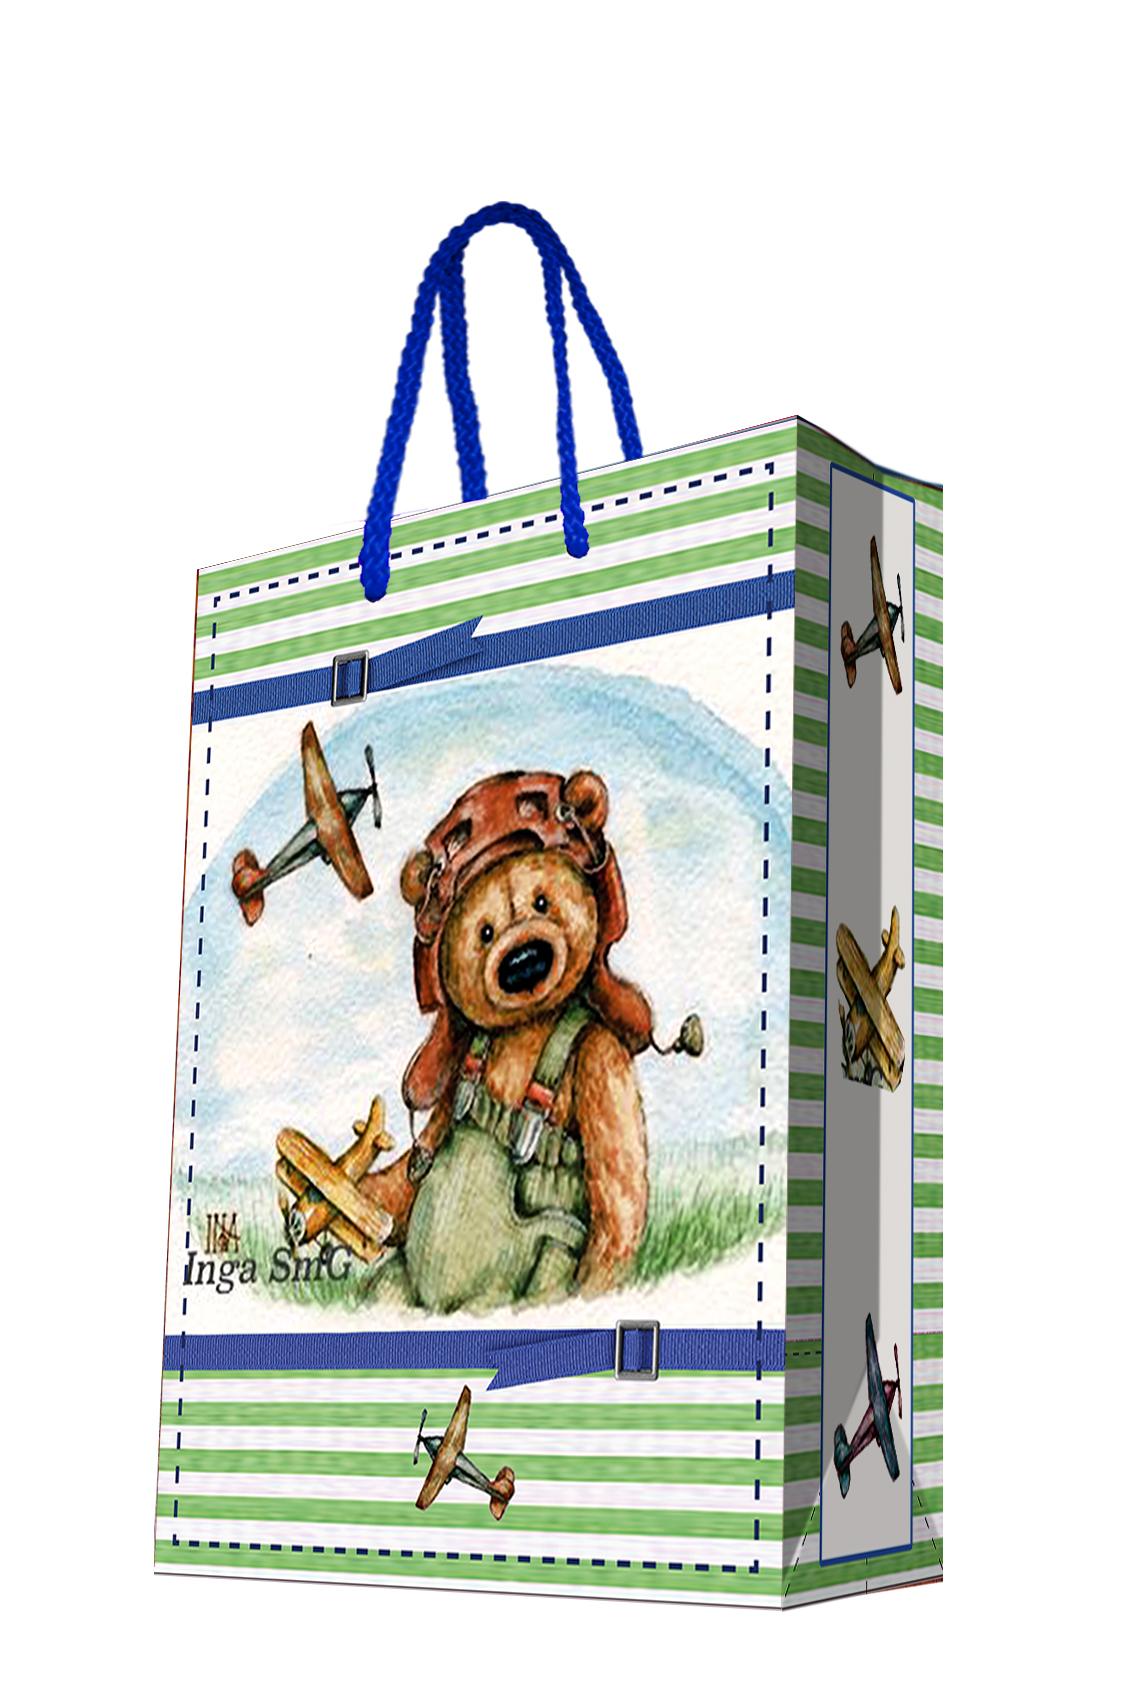 Пакет подарочный Magic Home Мишка-летчик, 17,8 х 22,9 х 9,8 см44176Подарочный пакет Magic Home, изготовленный из плотной бумаги, станет незаменимым дополнением к выбранному подарку. Дно изделия укреплено картоном, который позволяет сохранить форму пакета и исключает возможность деформации дна под тяжестью подарка. Пакет выполнен с глянцевой ламинацией, что придает ему прочность, а изображению - яркость и насыщенность цветов. Для удобной переноски имеются две ручки в виде шнурков. Подарок, преподнесенный в оригинальной упаковке, всегда будет самым эффектным и запоминающимся. Окружите близких людей вниманием и заботой, вручив презент в нарядном, праздничном оформлении. Плотность бумаги: 140 г/м2.